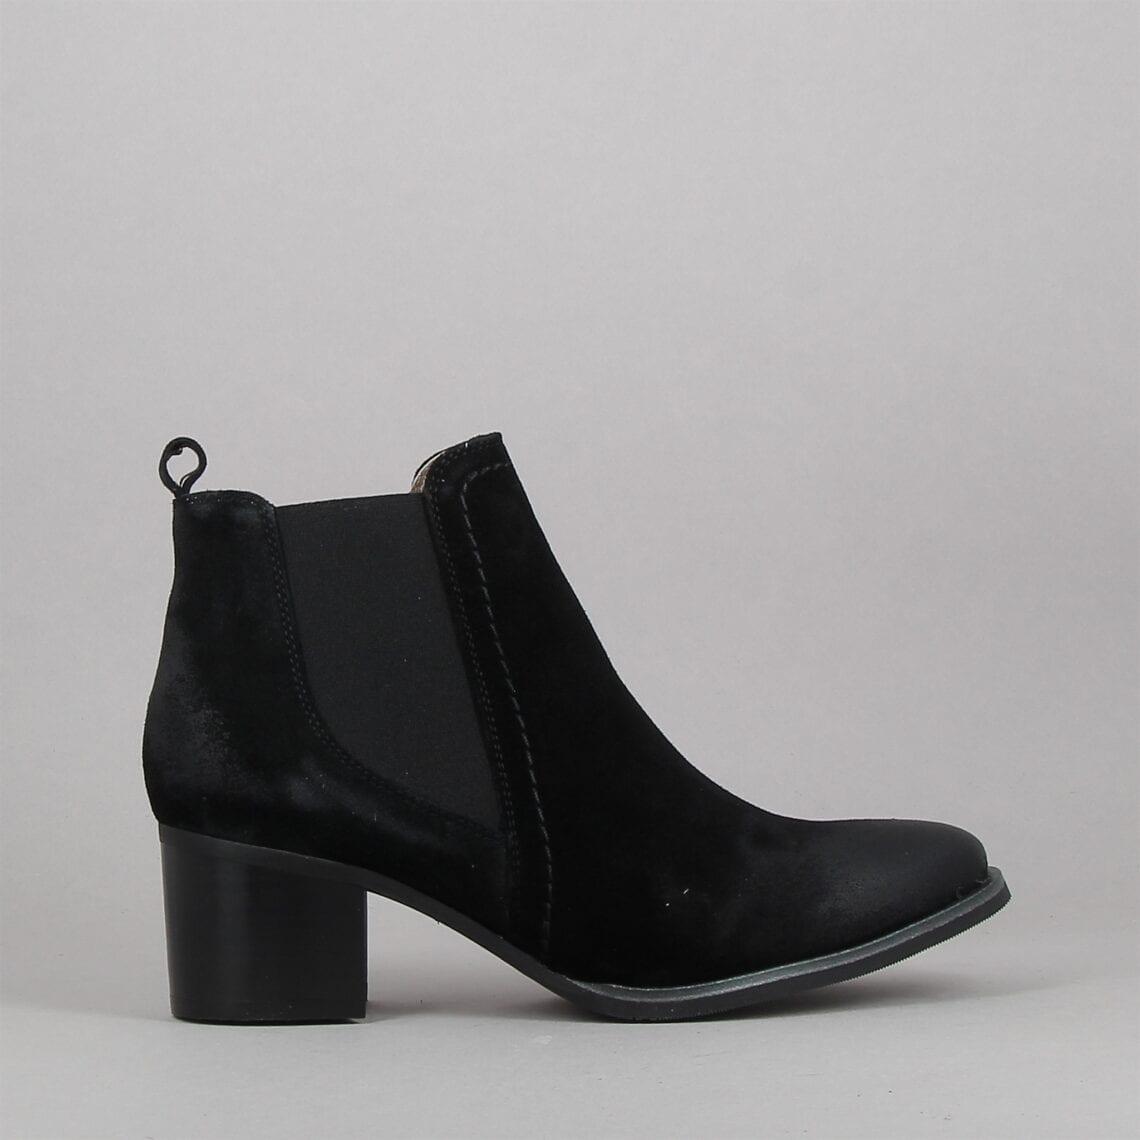 miami-noir-184156162-0.jpg